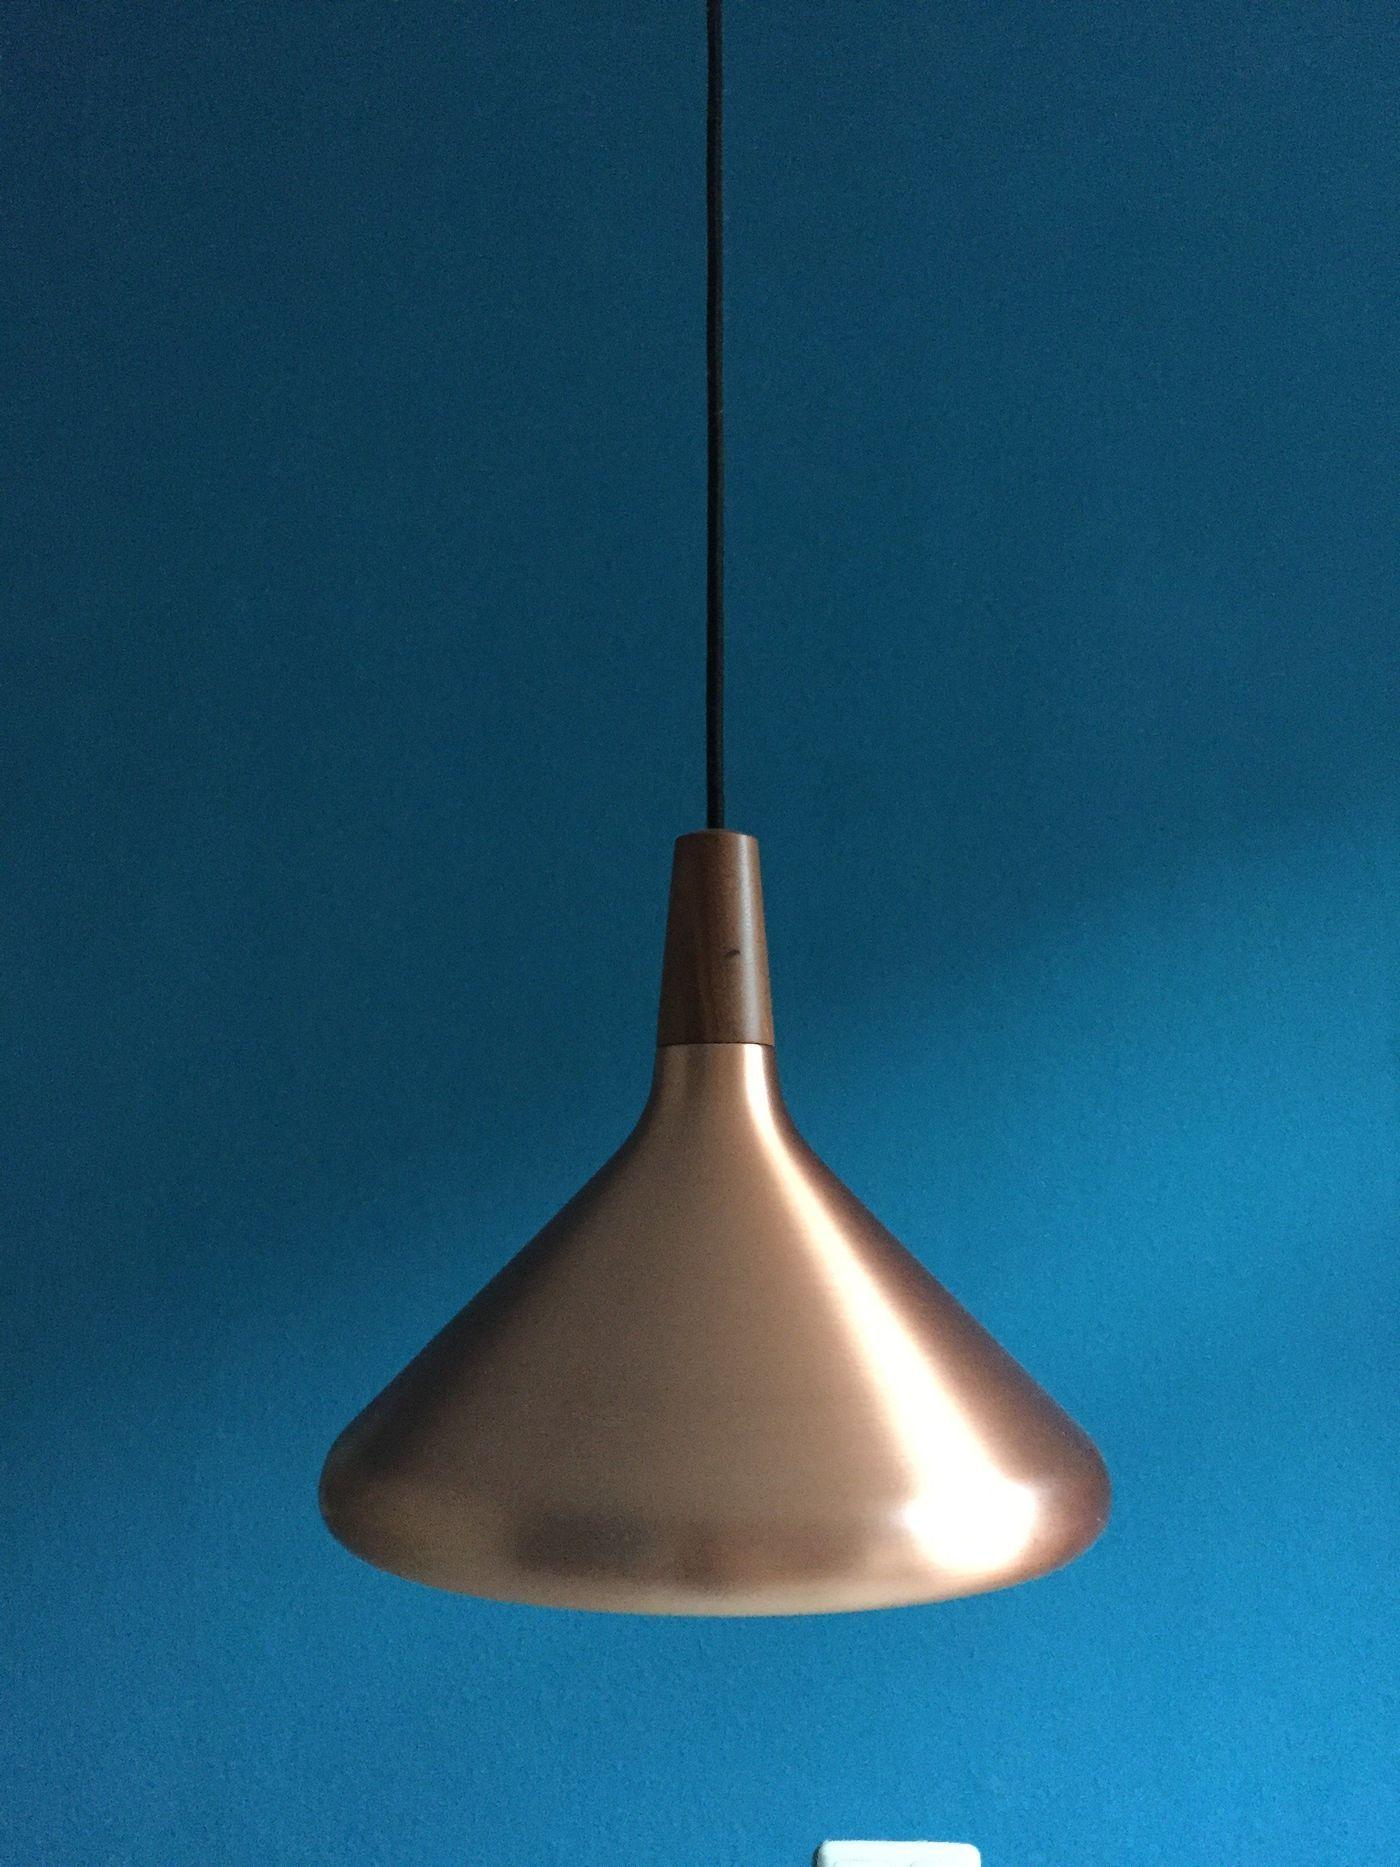 Schön Pleasant Design Ideas Lampen Industriestil Galerie - Heimat ...